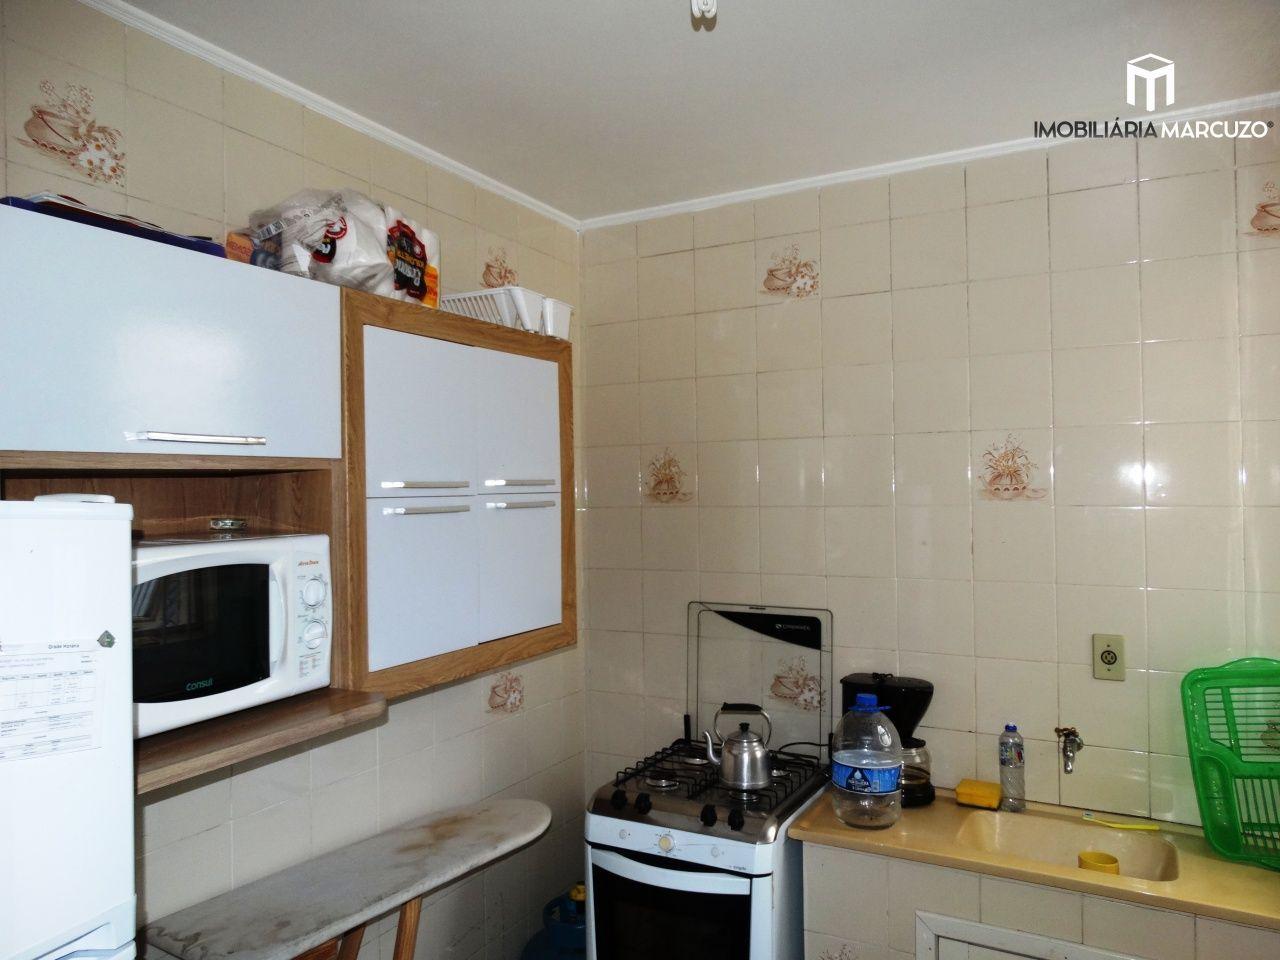 Apartamento com 1 Dormitórios para alugar, 51 m² por R$ 650,00